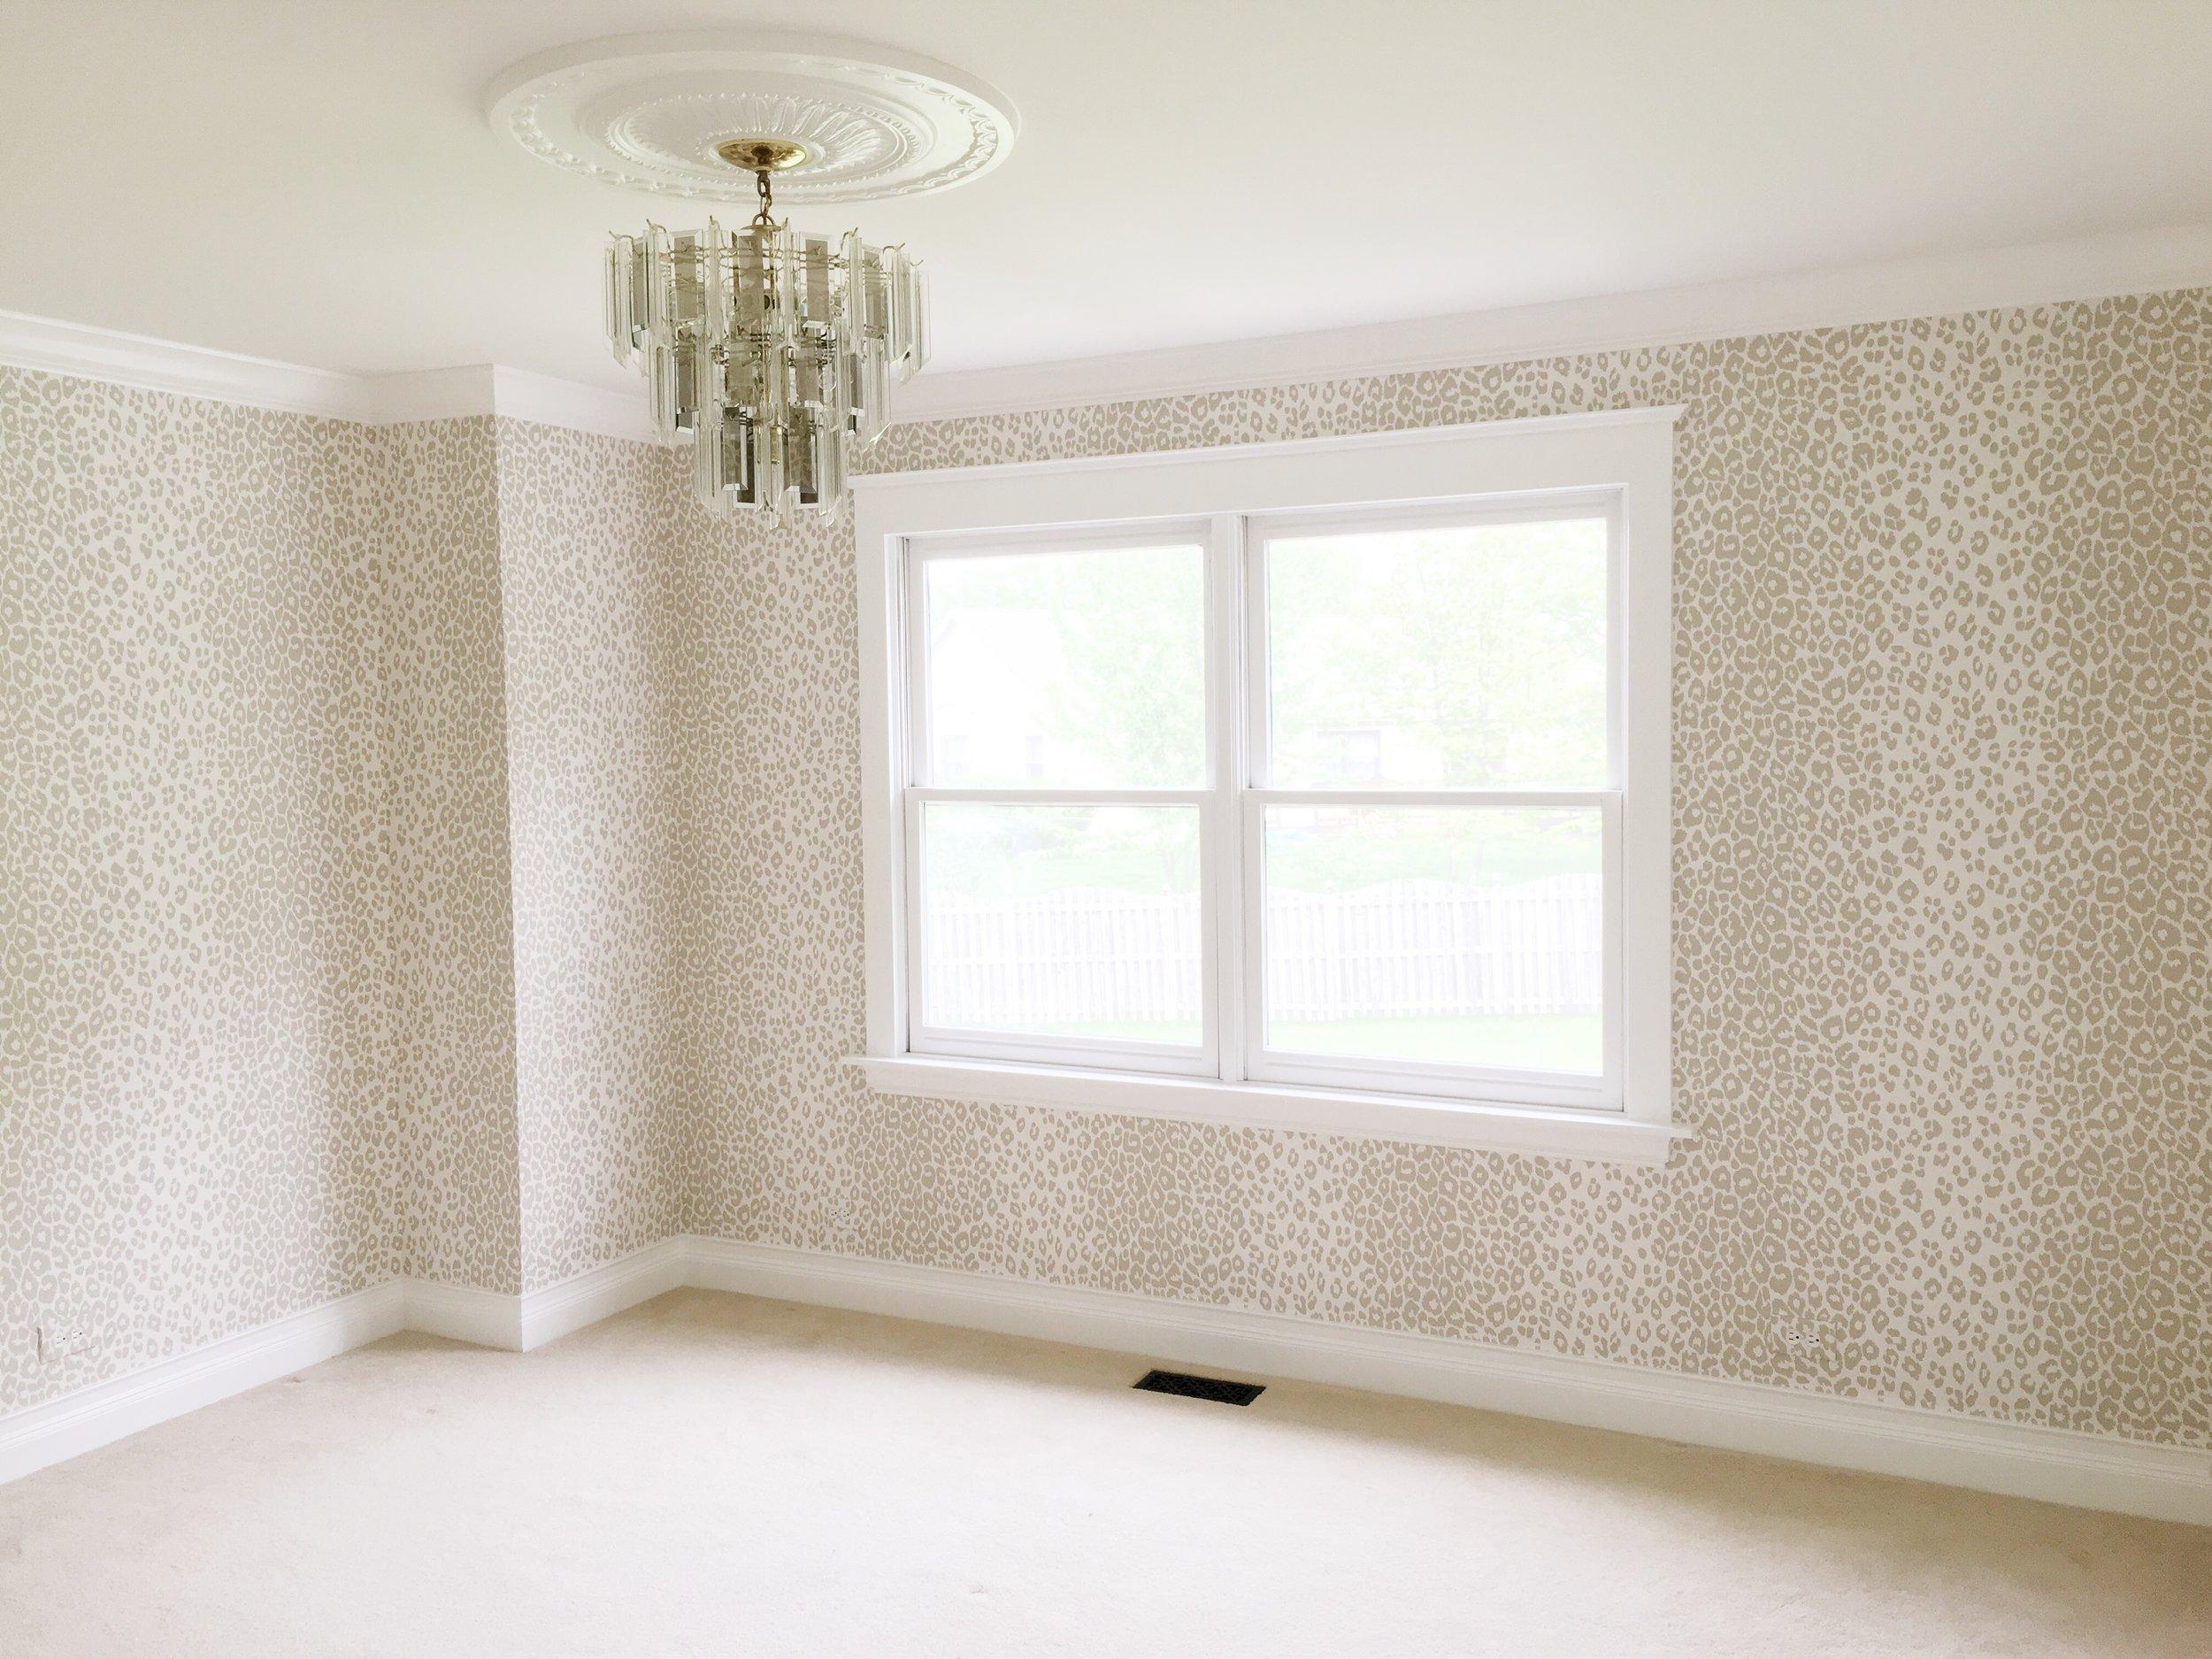 Schumacher Iconic Leopard Wallpaper Tween Girls Room Laura Design Co.